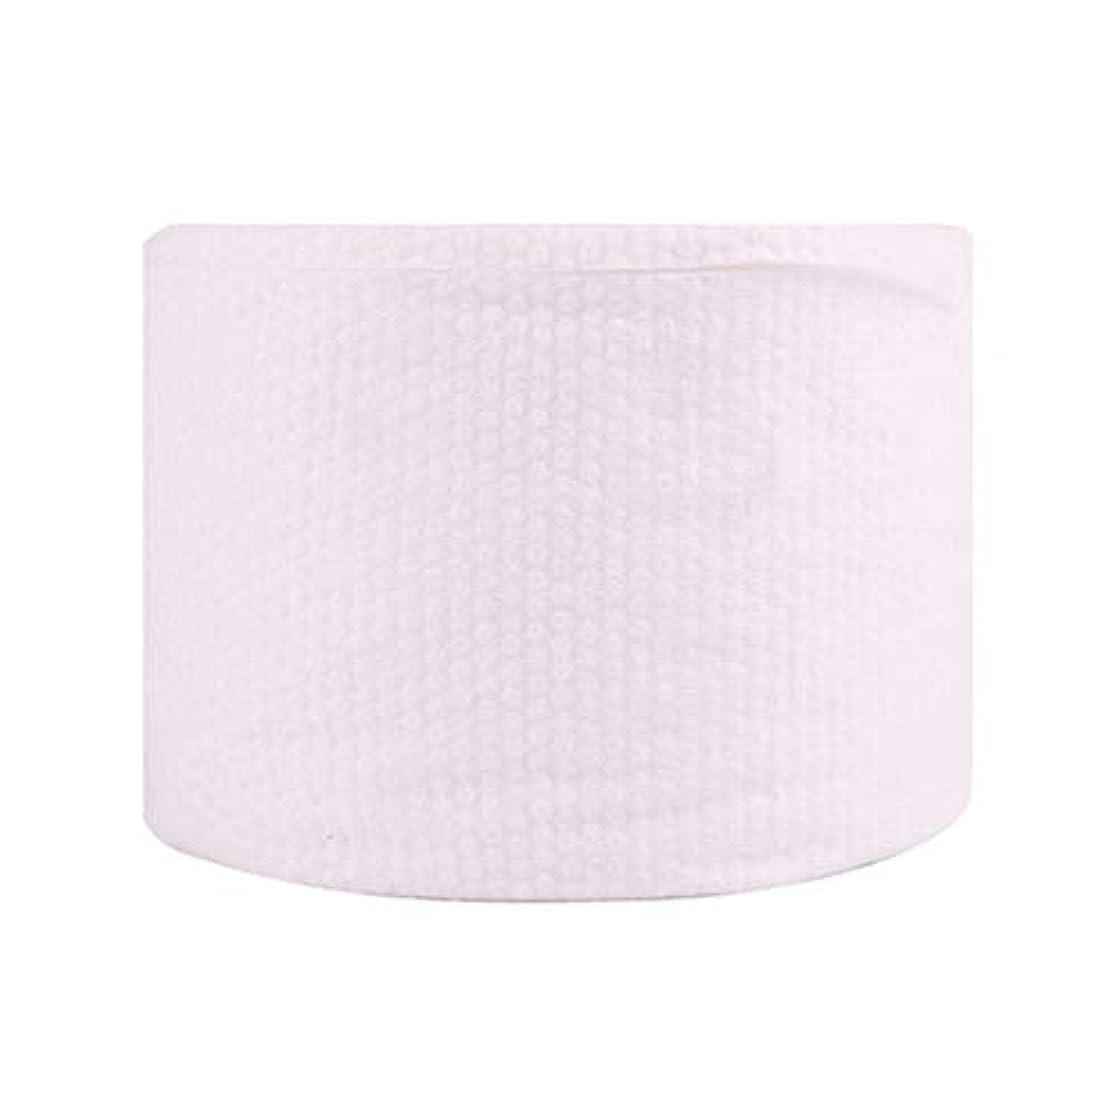 TOOGOO 使い捨てフェイスタオル化粧拭き取り綿パッド メイク落としパッド ソフトパッド化粧品 フェイスマスククレンジングケアフェイシャルナプキン